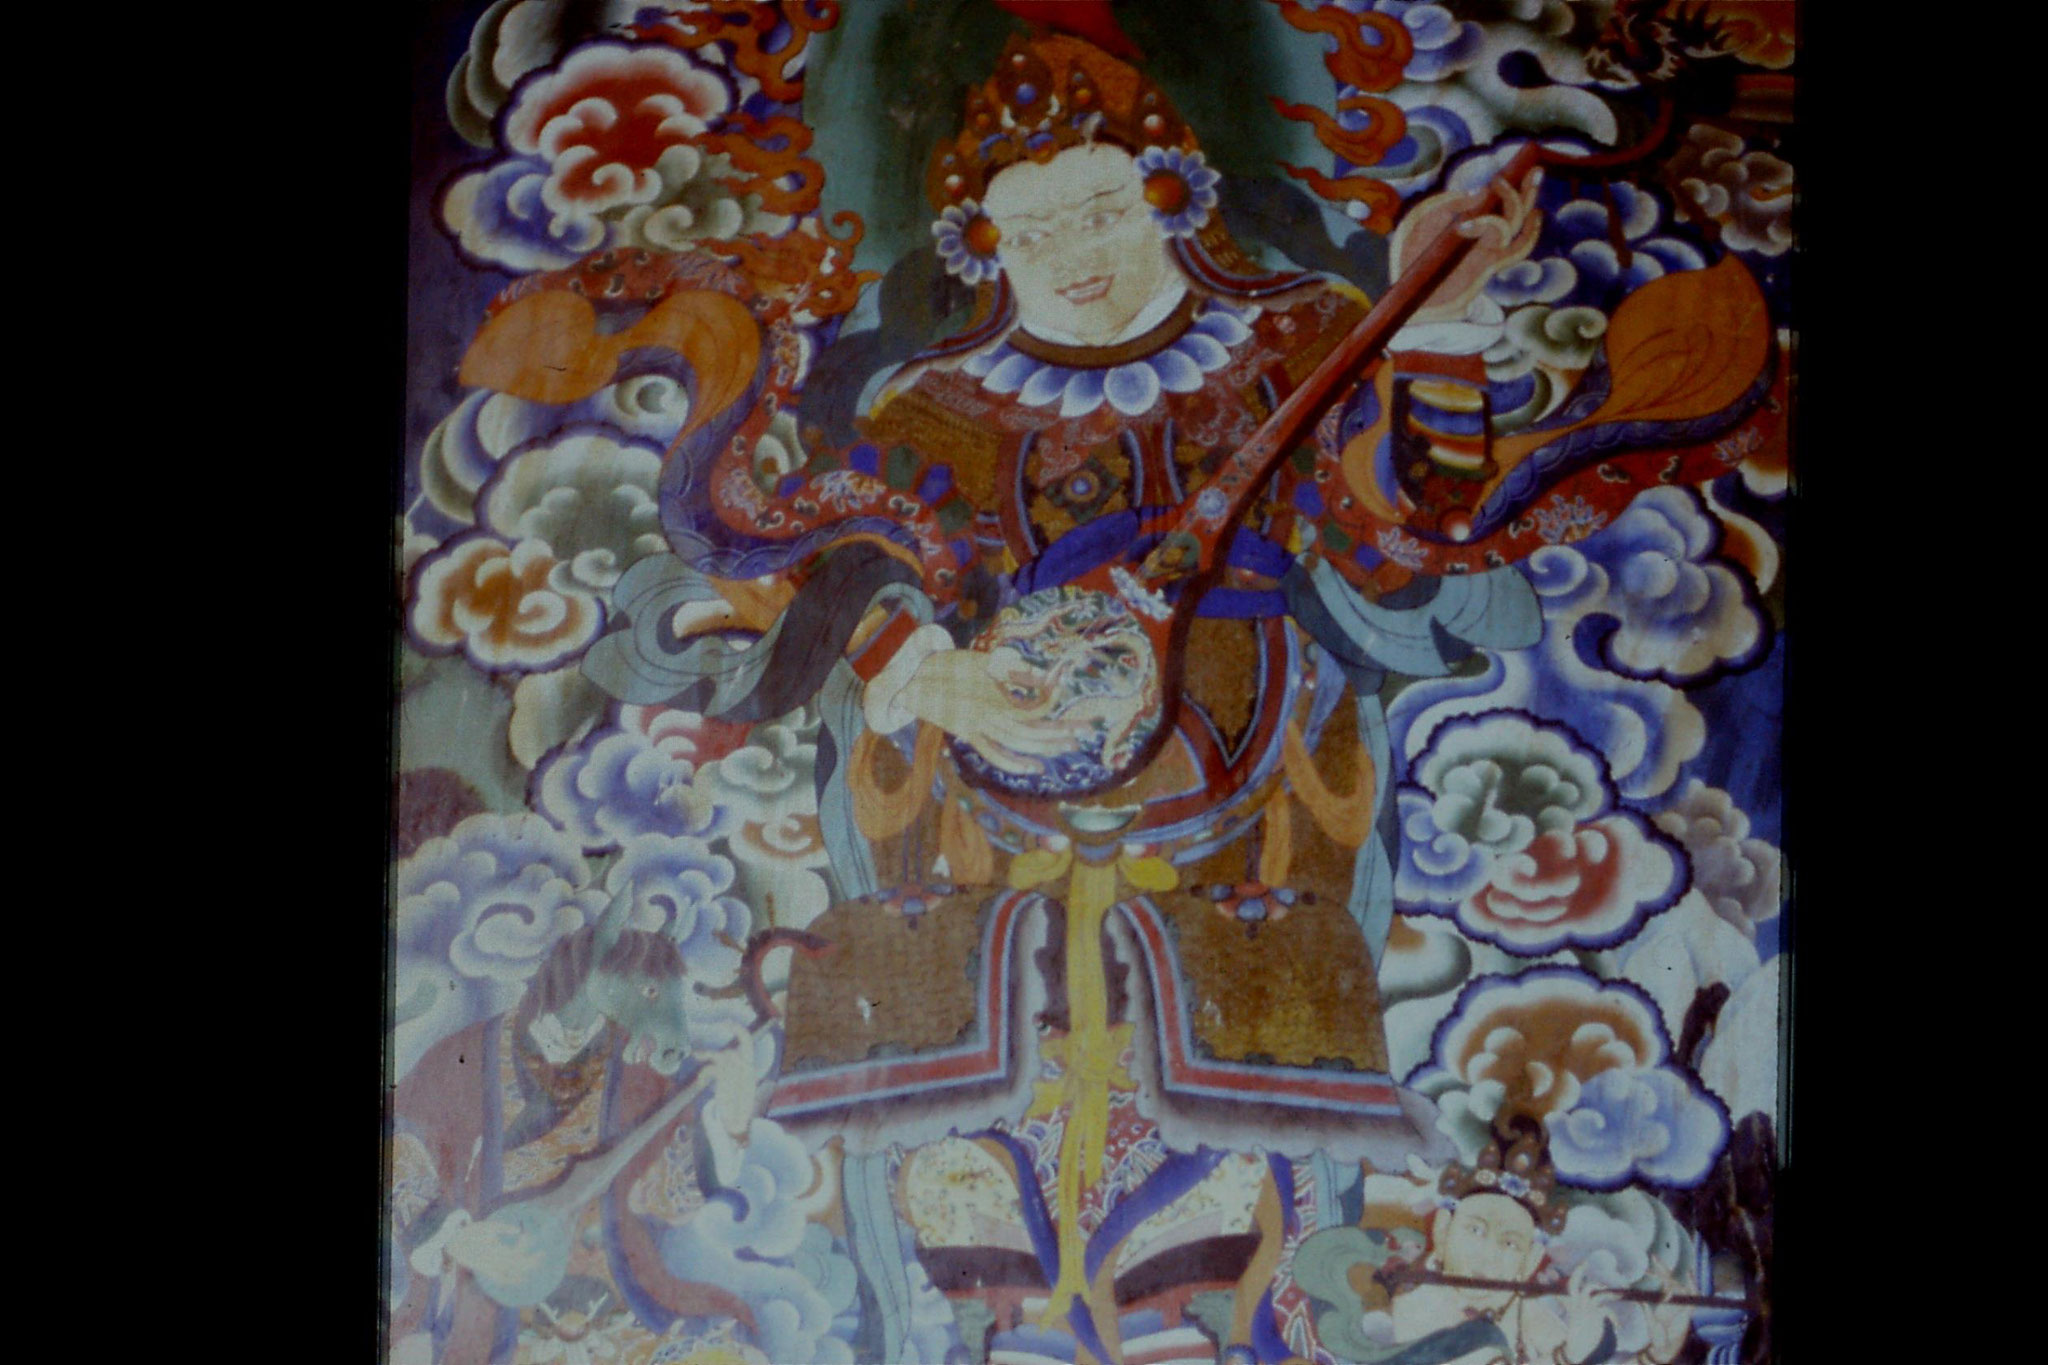 115/9: 23/4/1990 Rumtek Monastery - mural